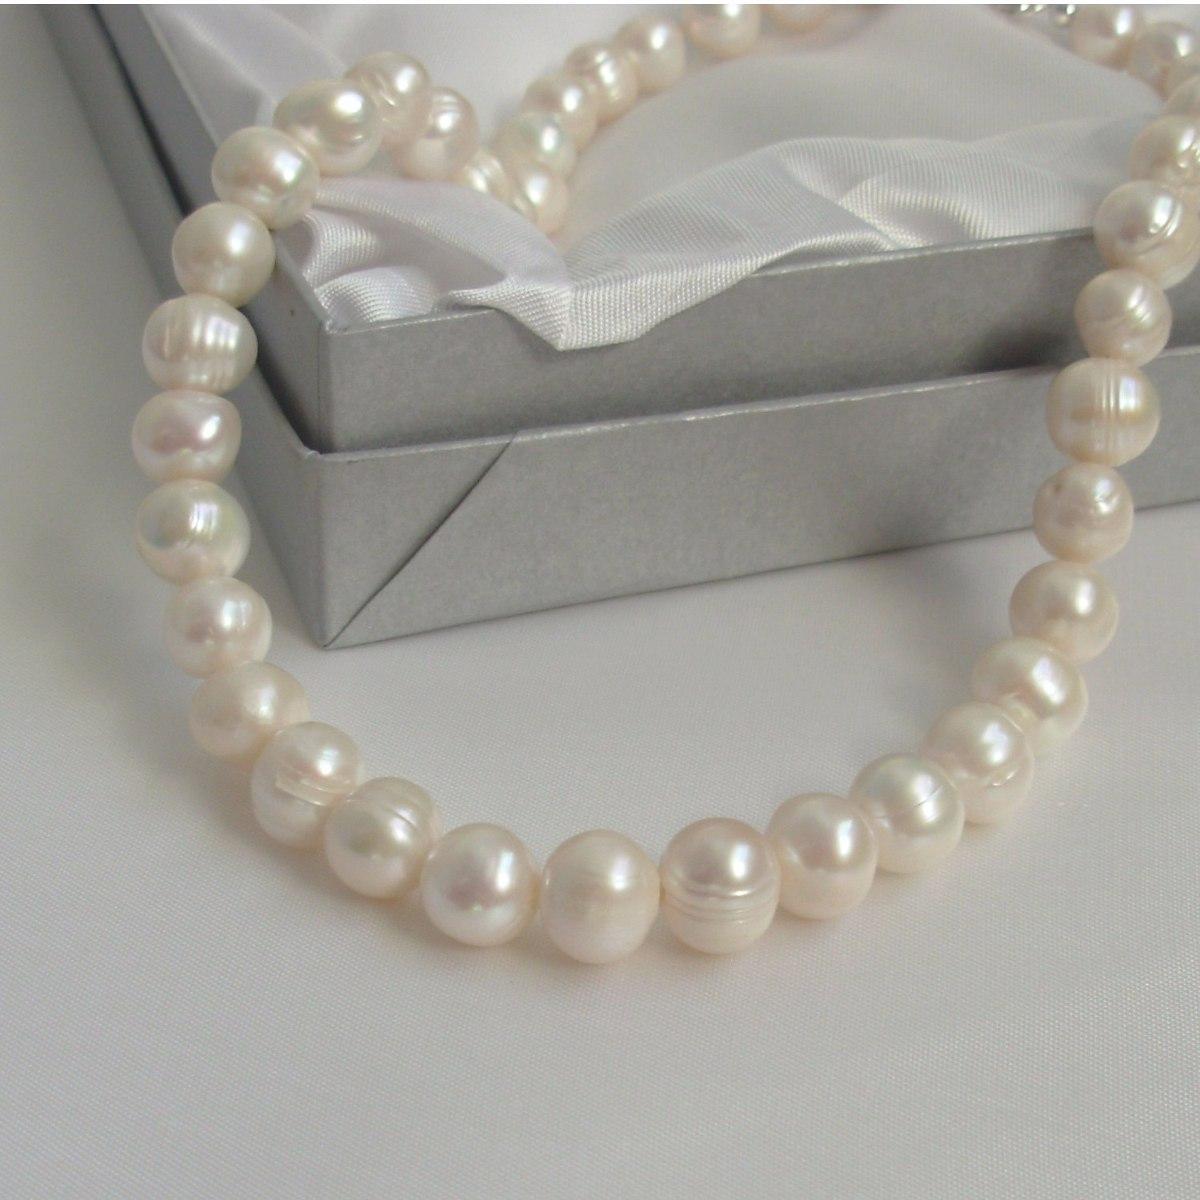 4549f7c918e6 2 collares perlas naturales - cierre mosquetón + marinero. Cargando zoom.